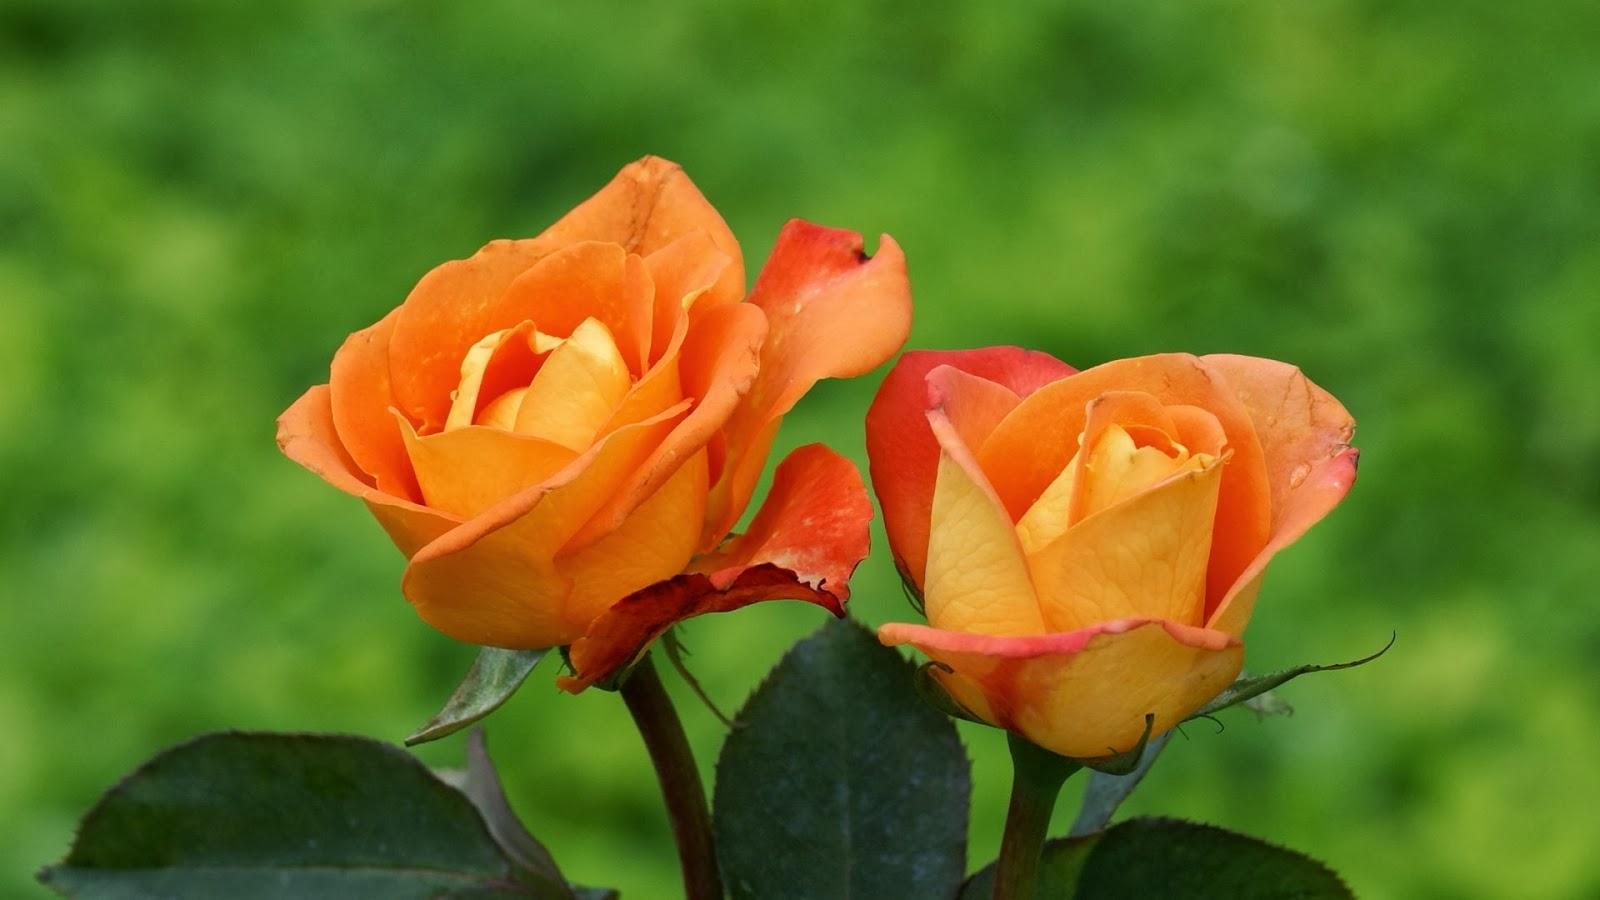 Orange Rose Flowers Wallpapers Beautiful Flowers Wallpapers